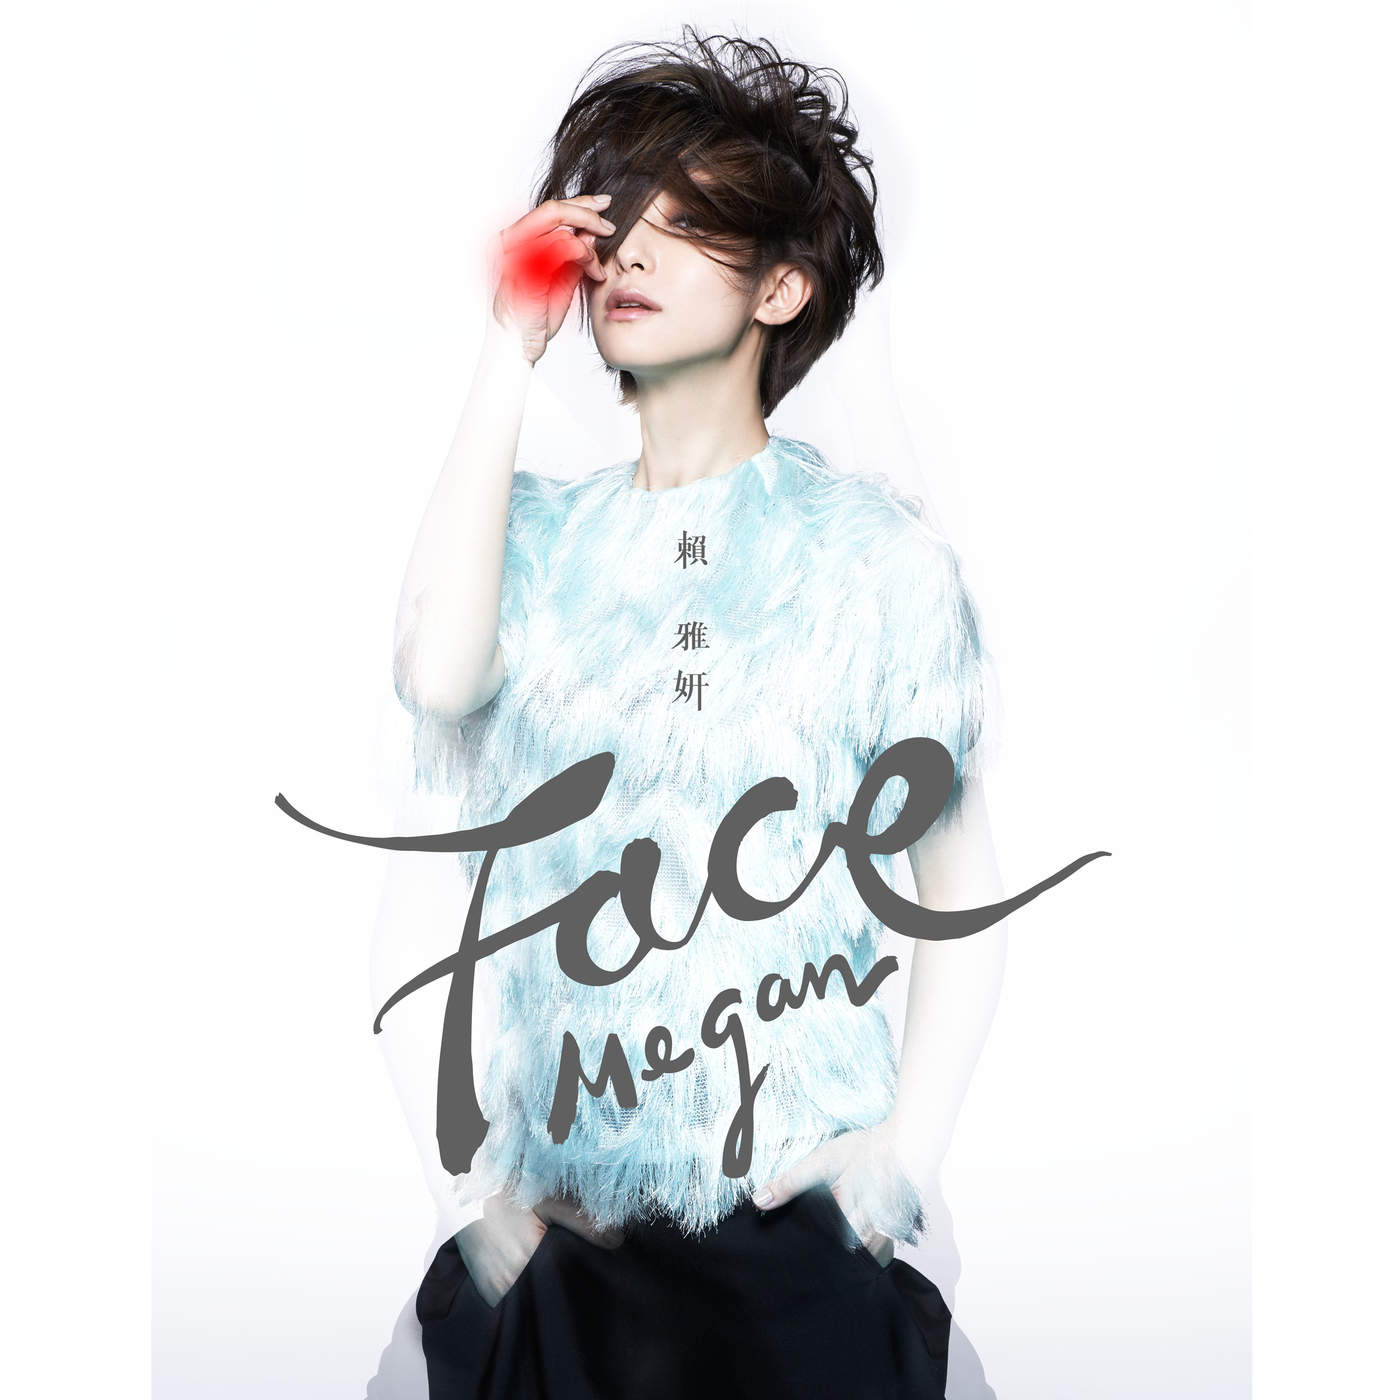 [Album] FACE - 賴雅妍 Megan Lai